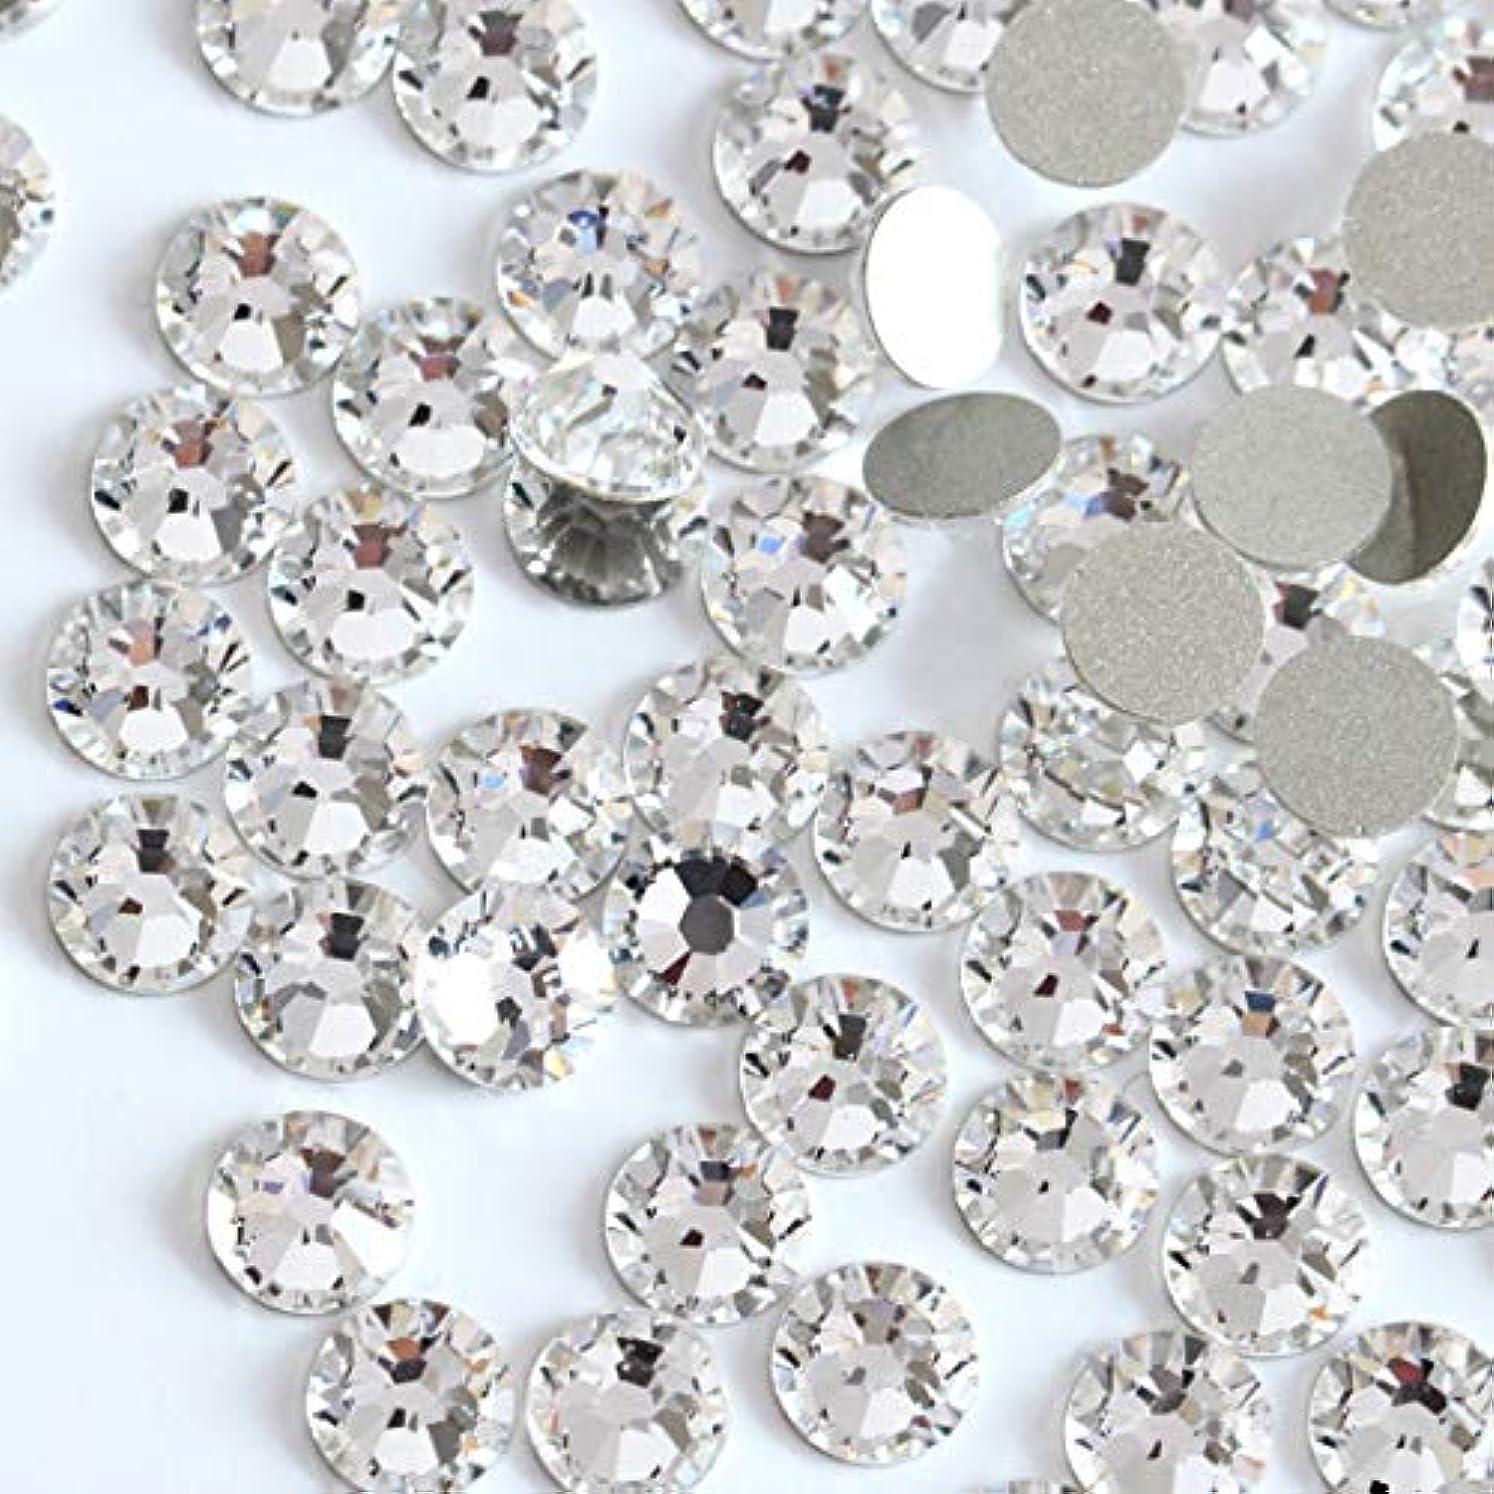 しかしコレクション無駄【ラインストーン77】高品質ガラス製ラインストーン クリスタル SS3(1.3mm)約1440粒